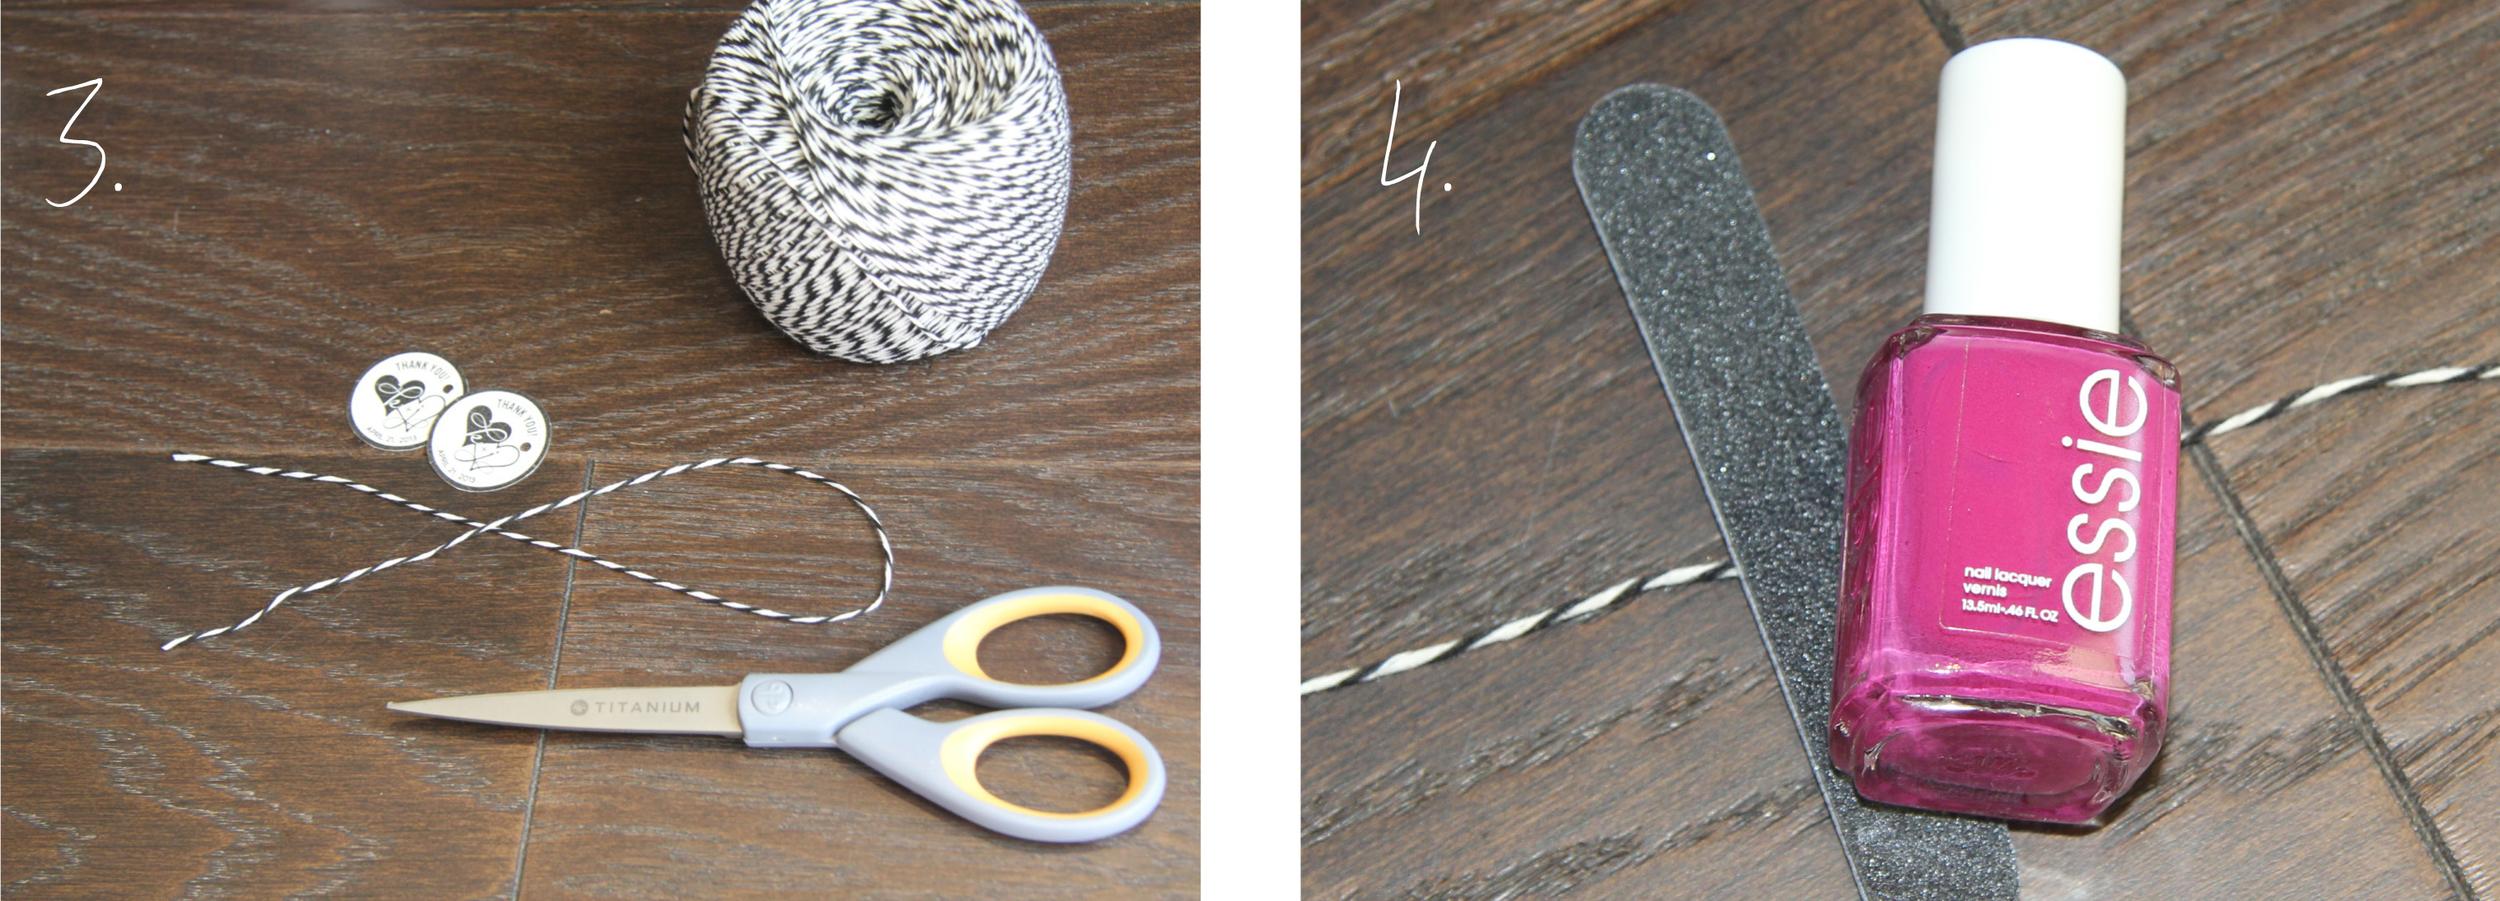 Nail Plosh Favors - Steps 3-4.jpg